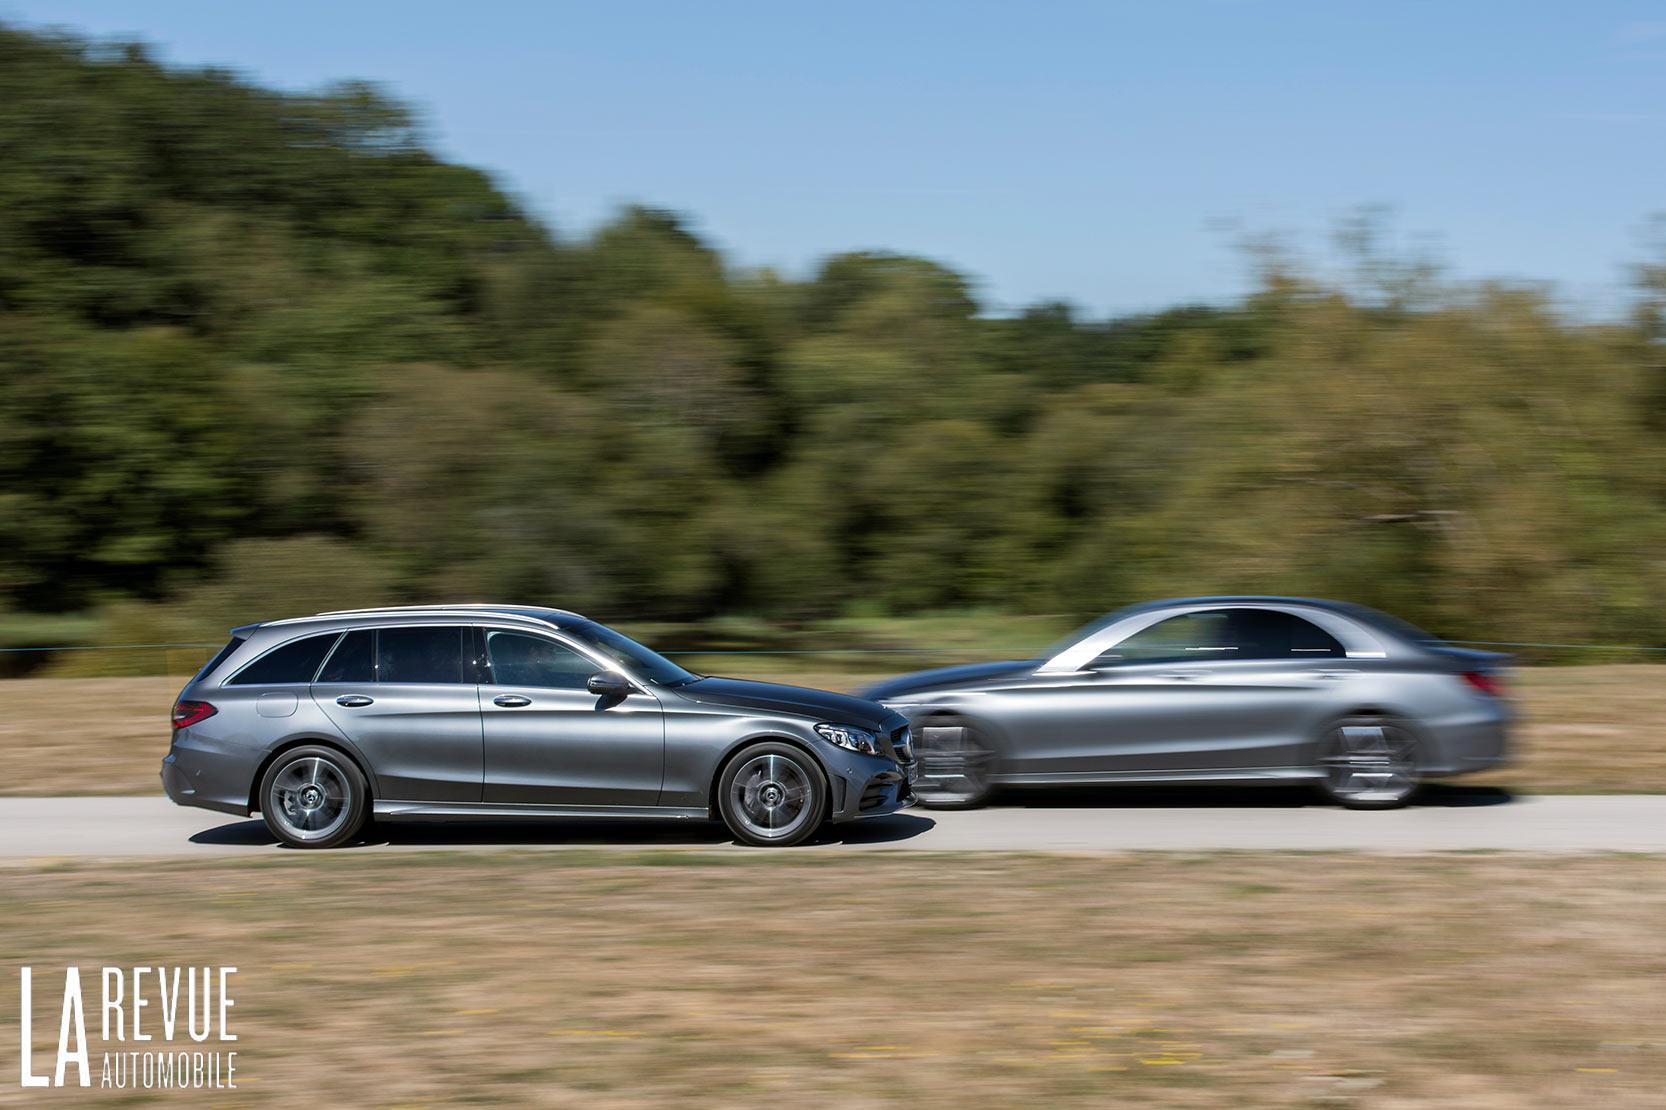 Essai de la nouvelle Mercedes Classe C